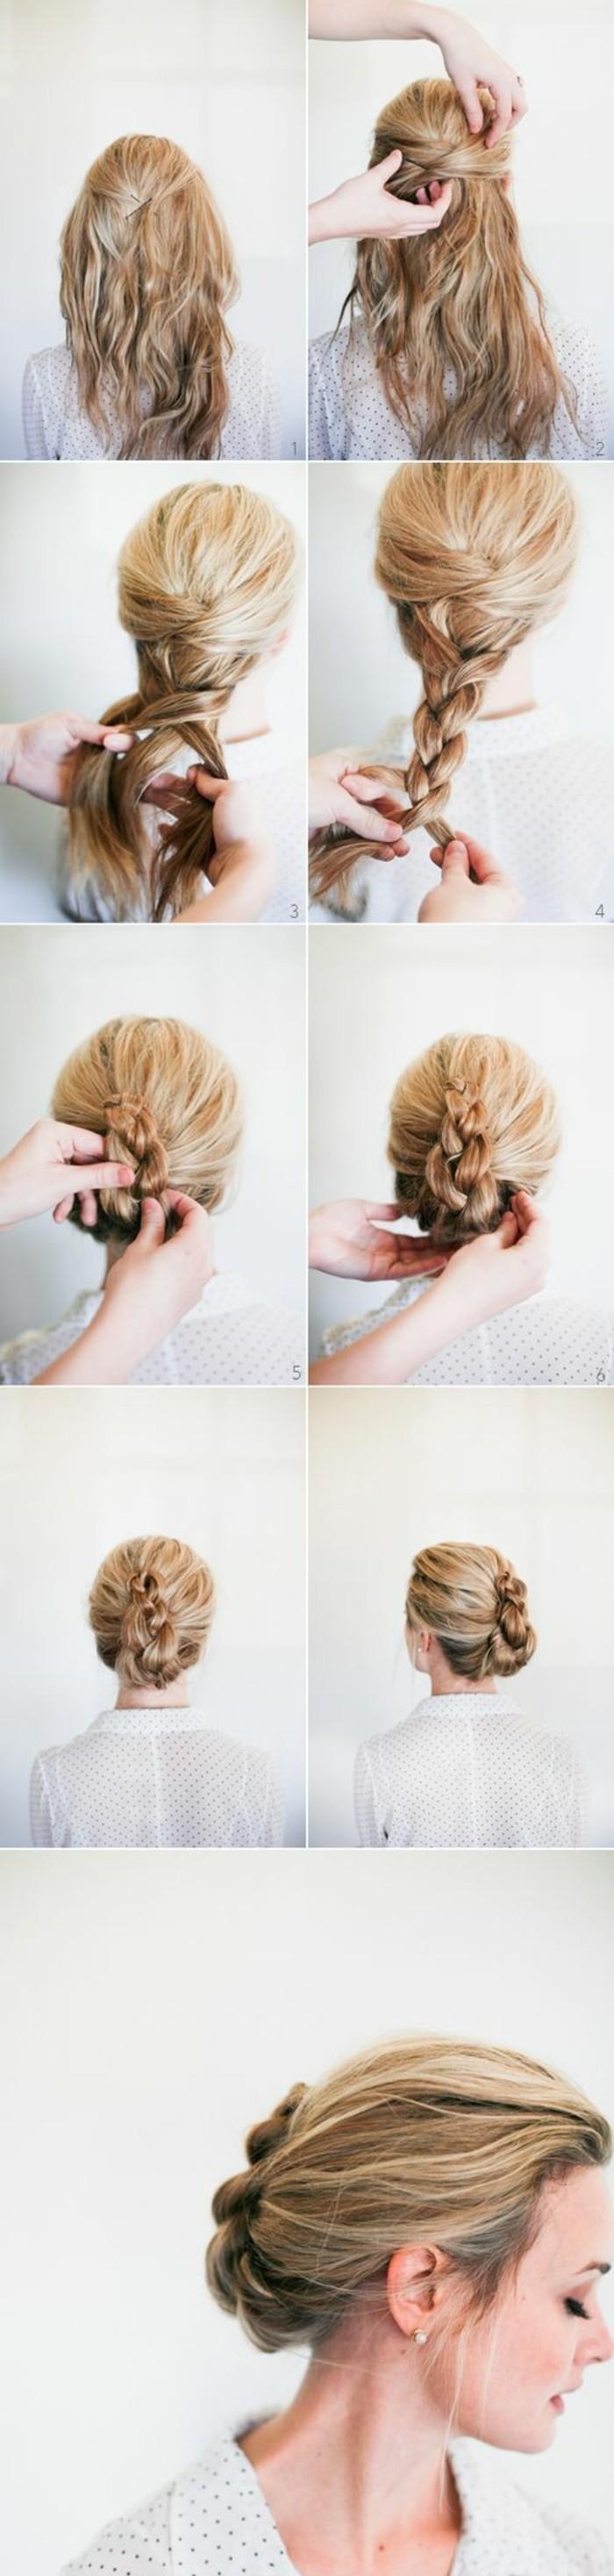 hochsteckfrisuren-zum-nachmachen-weiße-bluse-mittellange-blonde-haare-frau-diy-frisur-anleitung